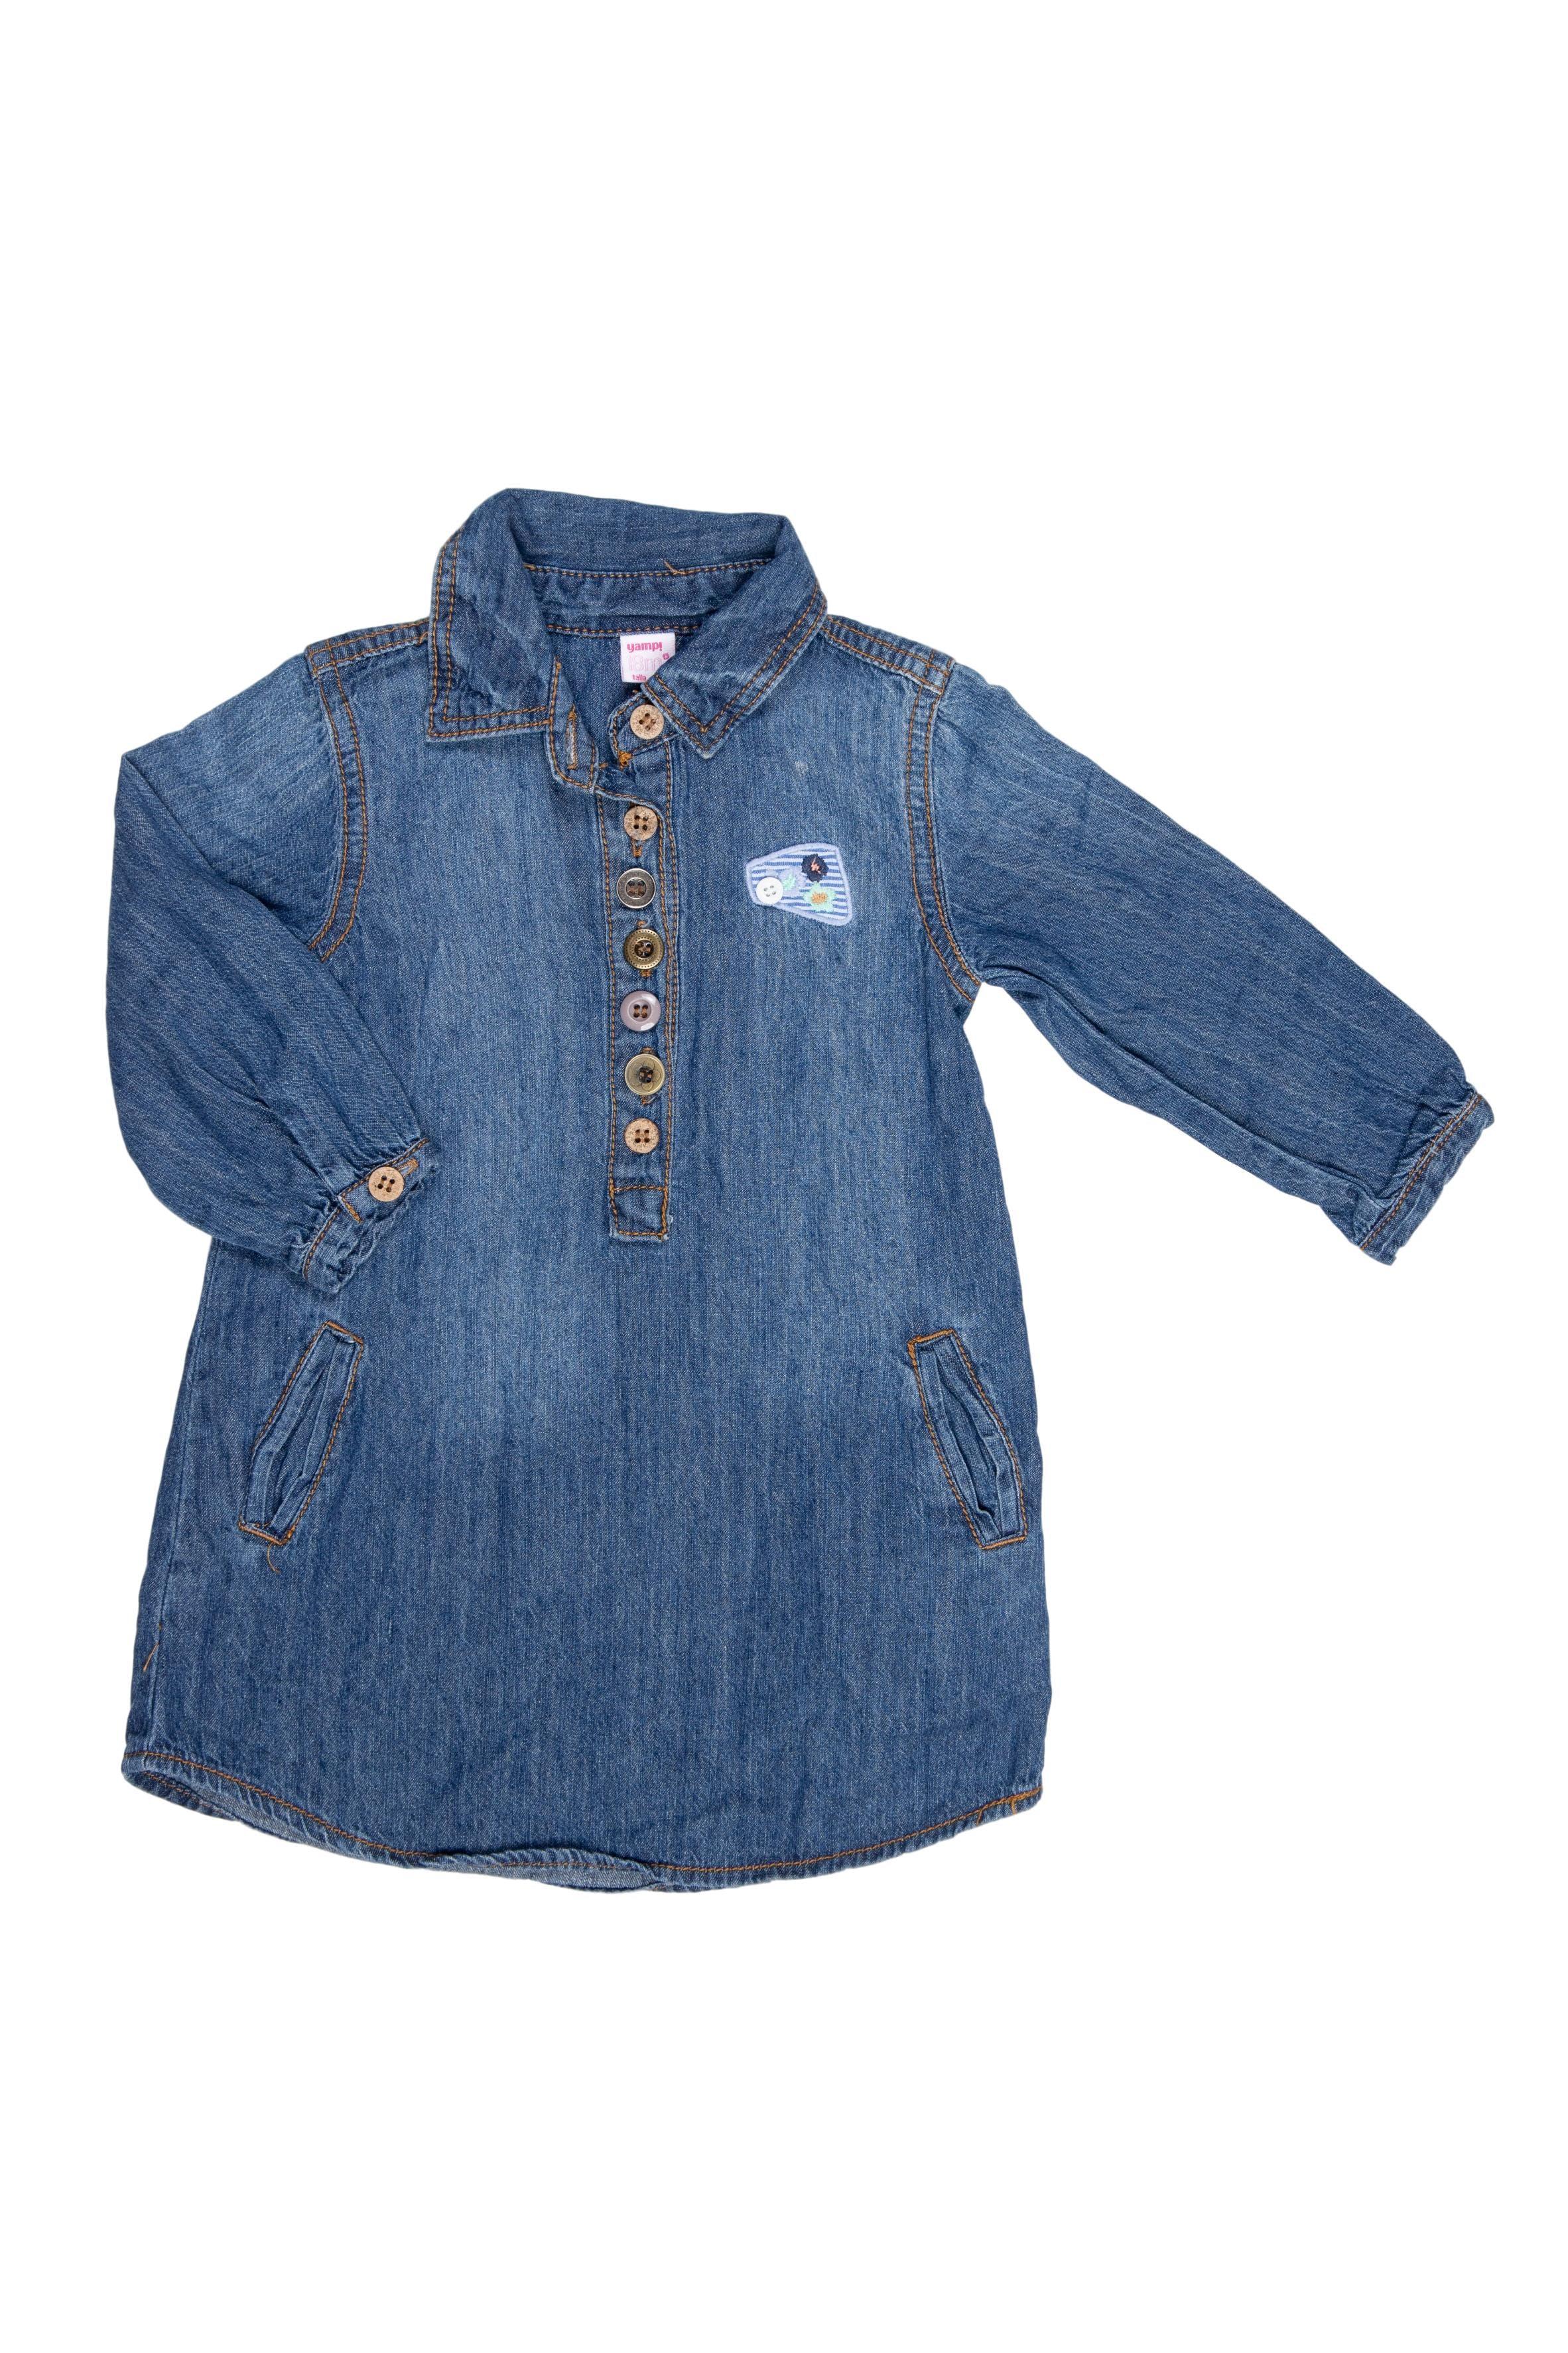 Vestido camiserp de jean delgado,camisero manga larga y bolsillos laterales 100% algodón - Yamp